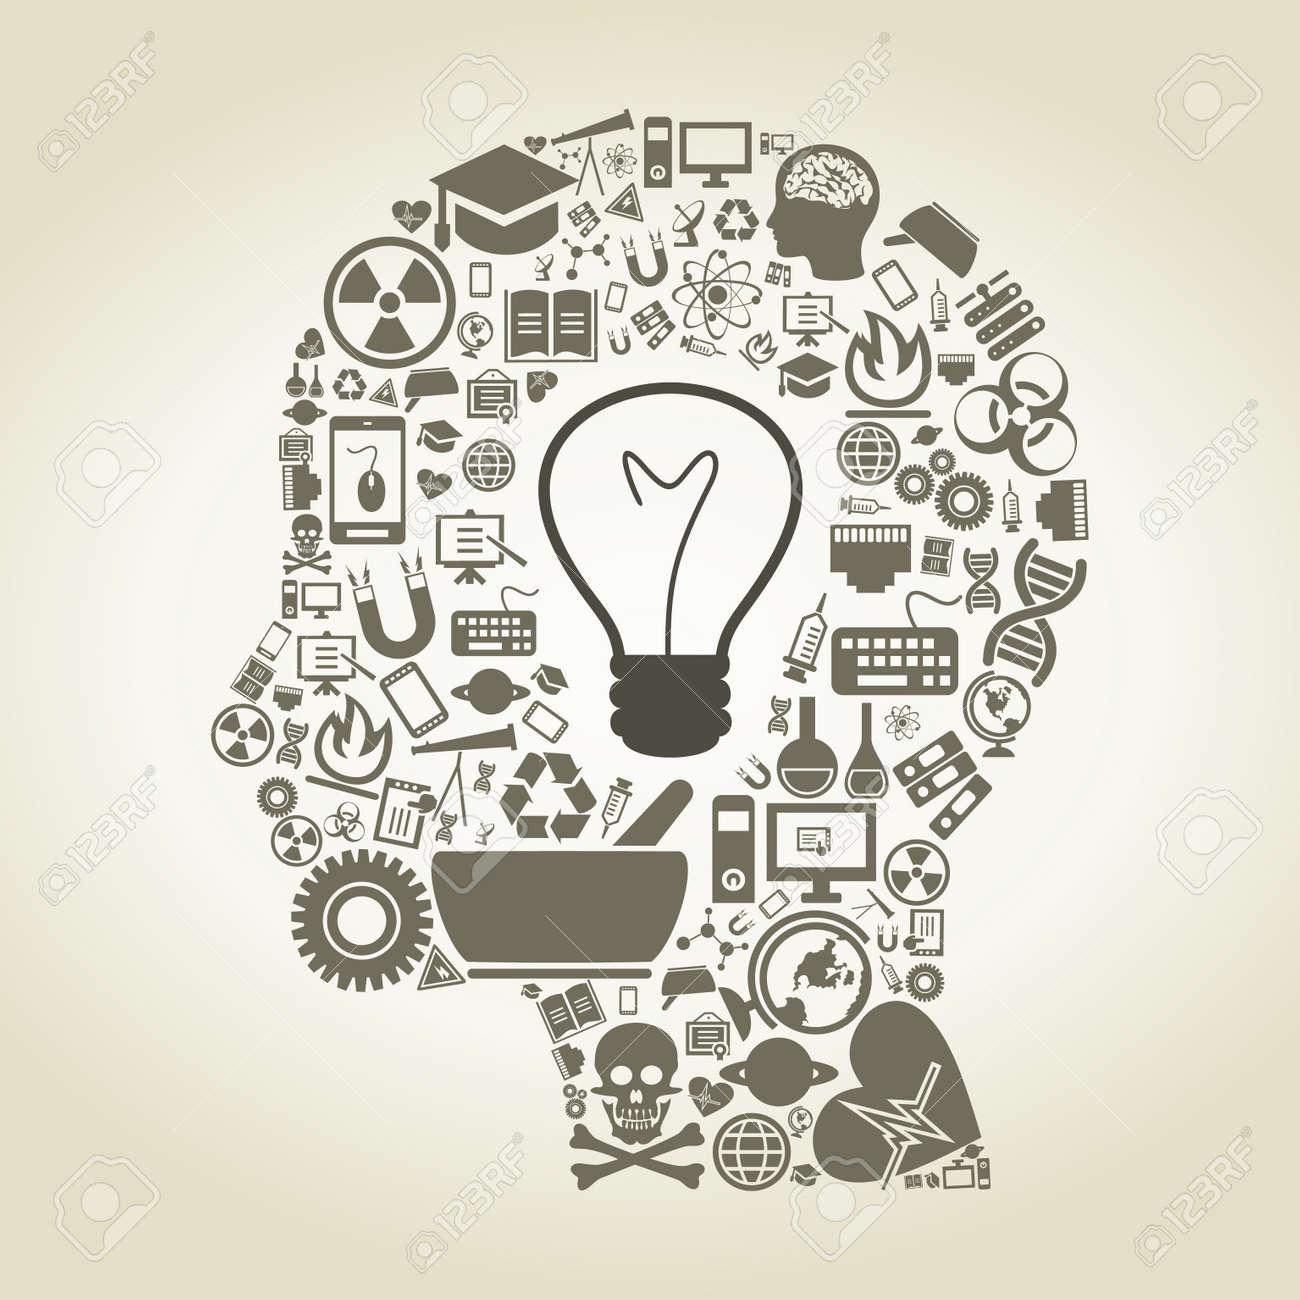 科学イラストから成っている人の頭のイラスト素材ベクタ Image 22273577